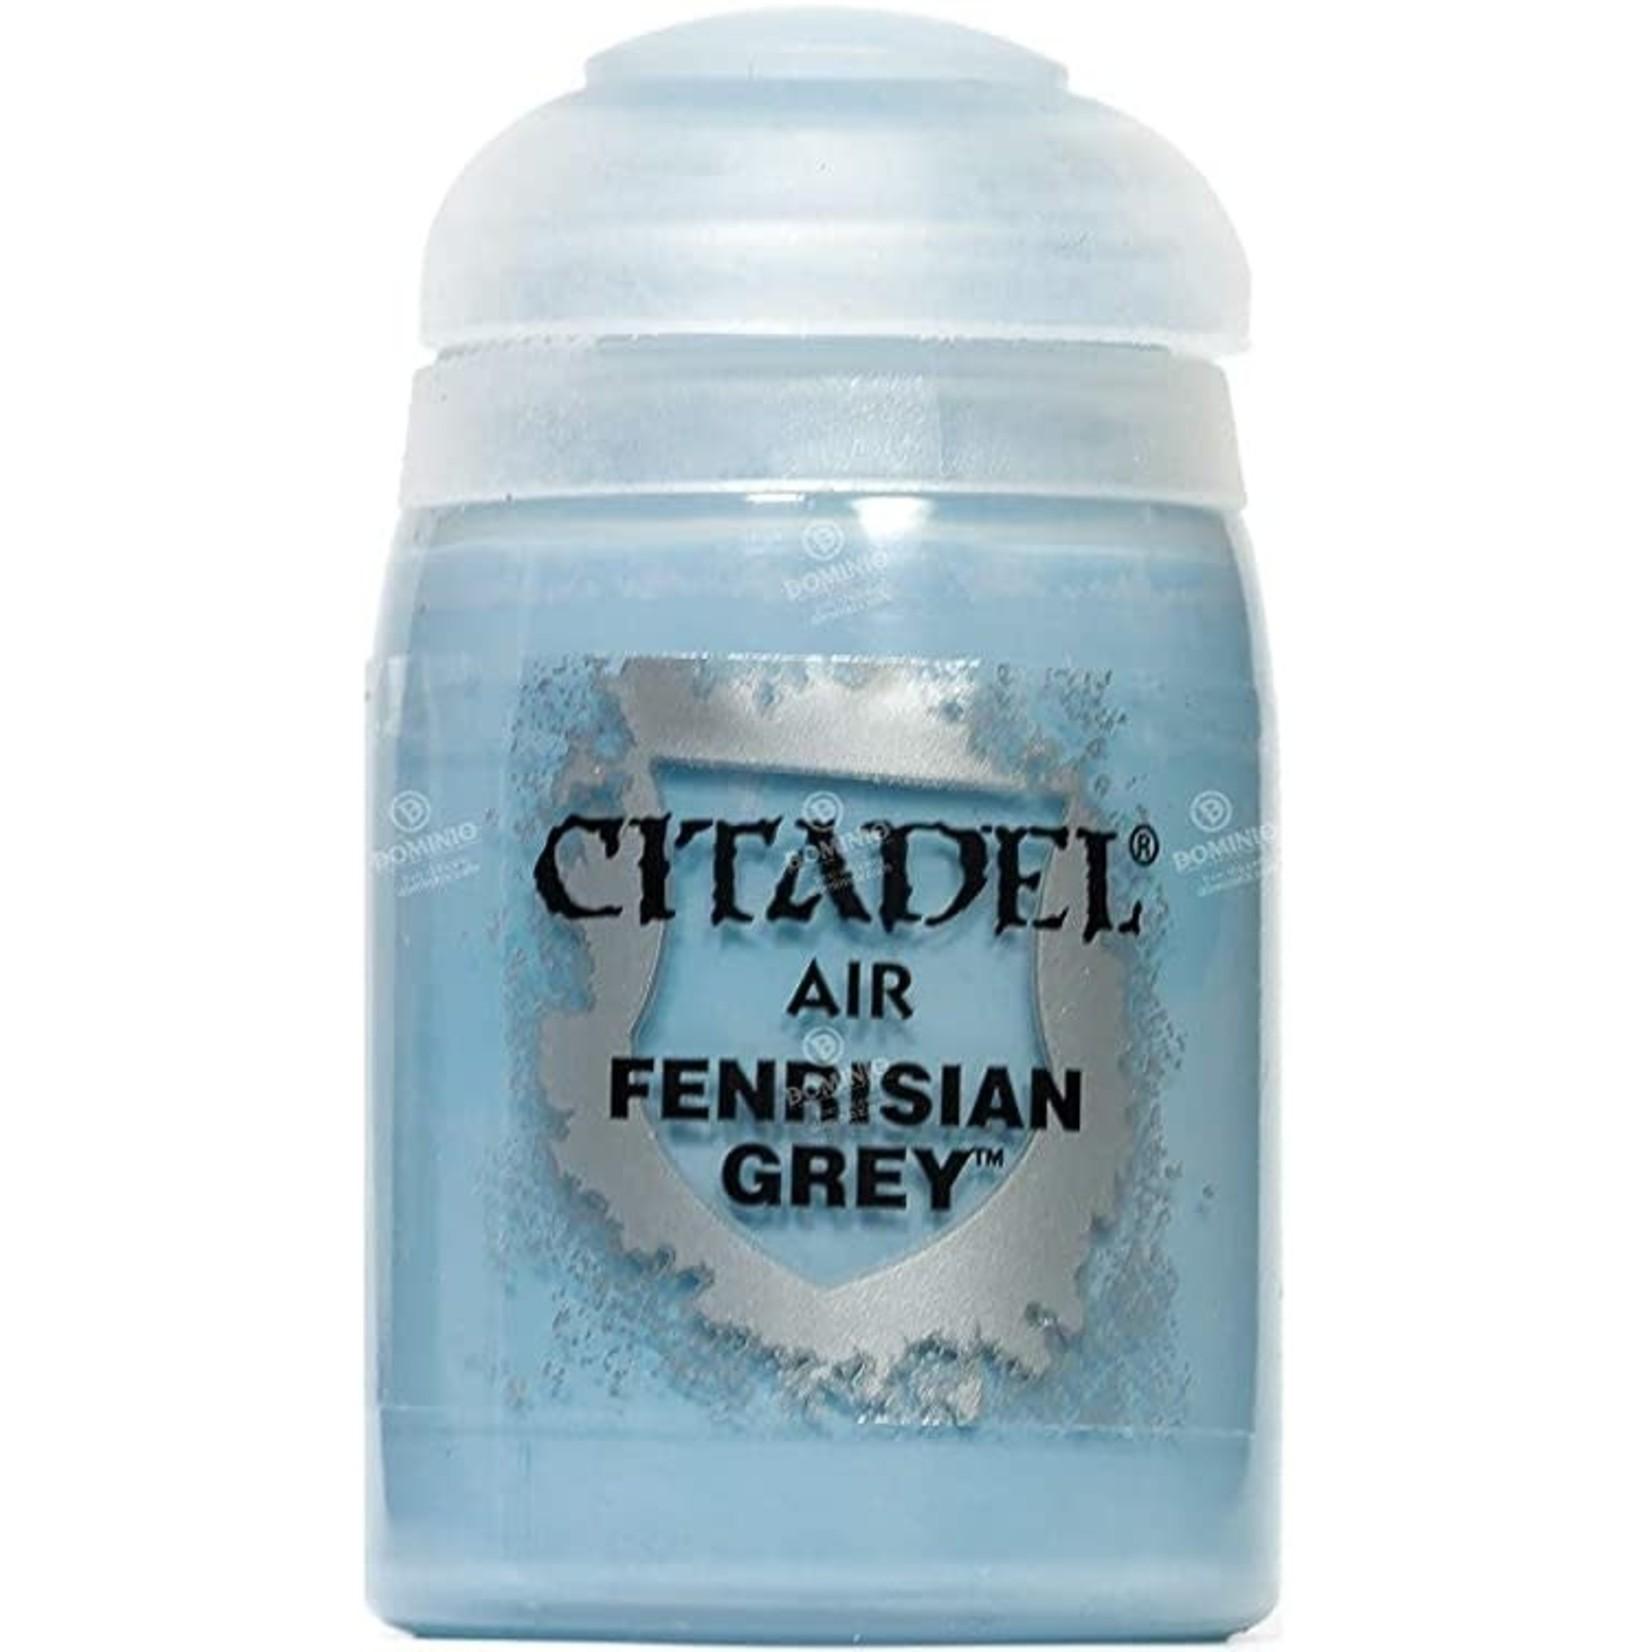 Games Workshop Citadel Paint: Fenrisian Grey Air (24 ml)